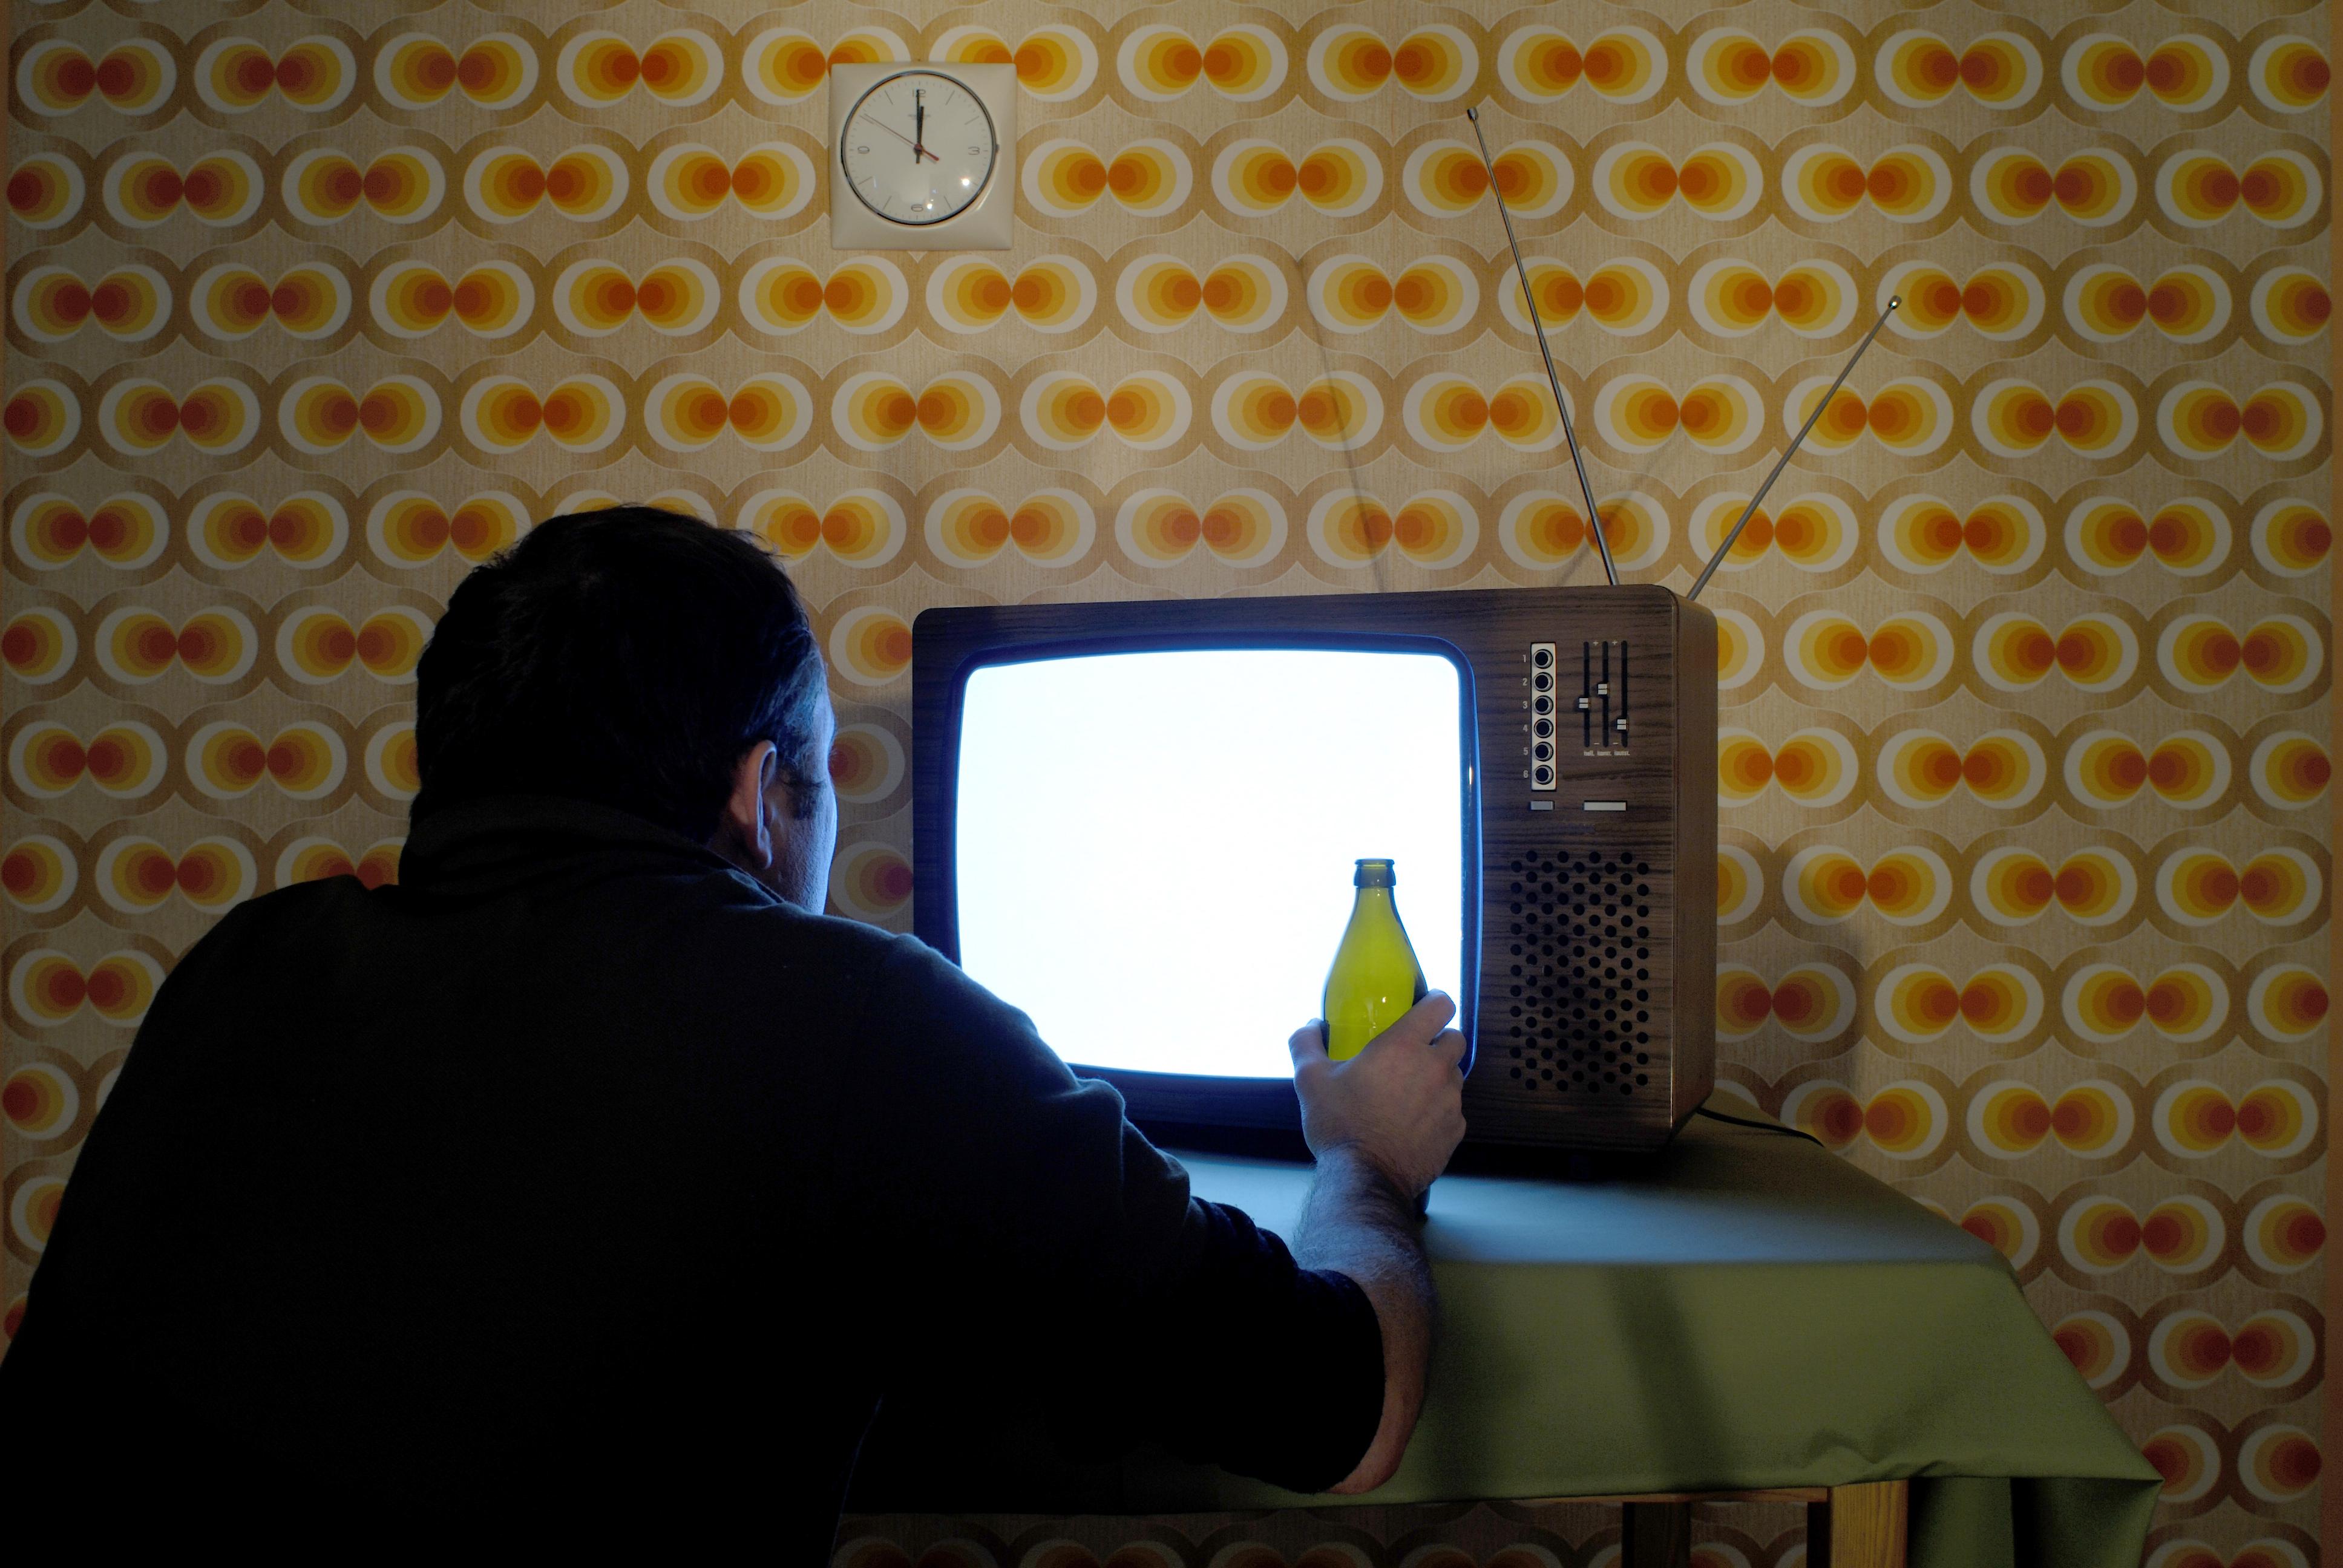 Szene alter Fernseher mit Bierflasche un Person